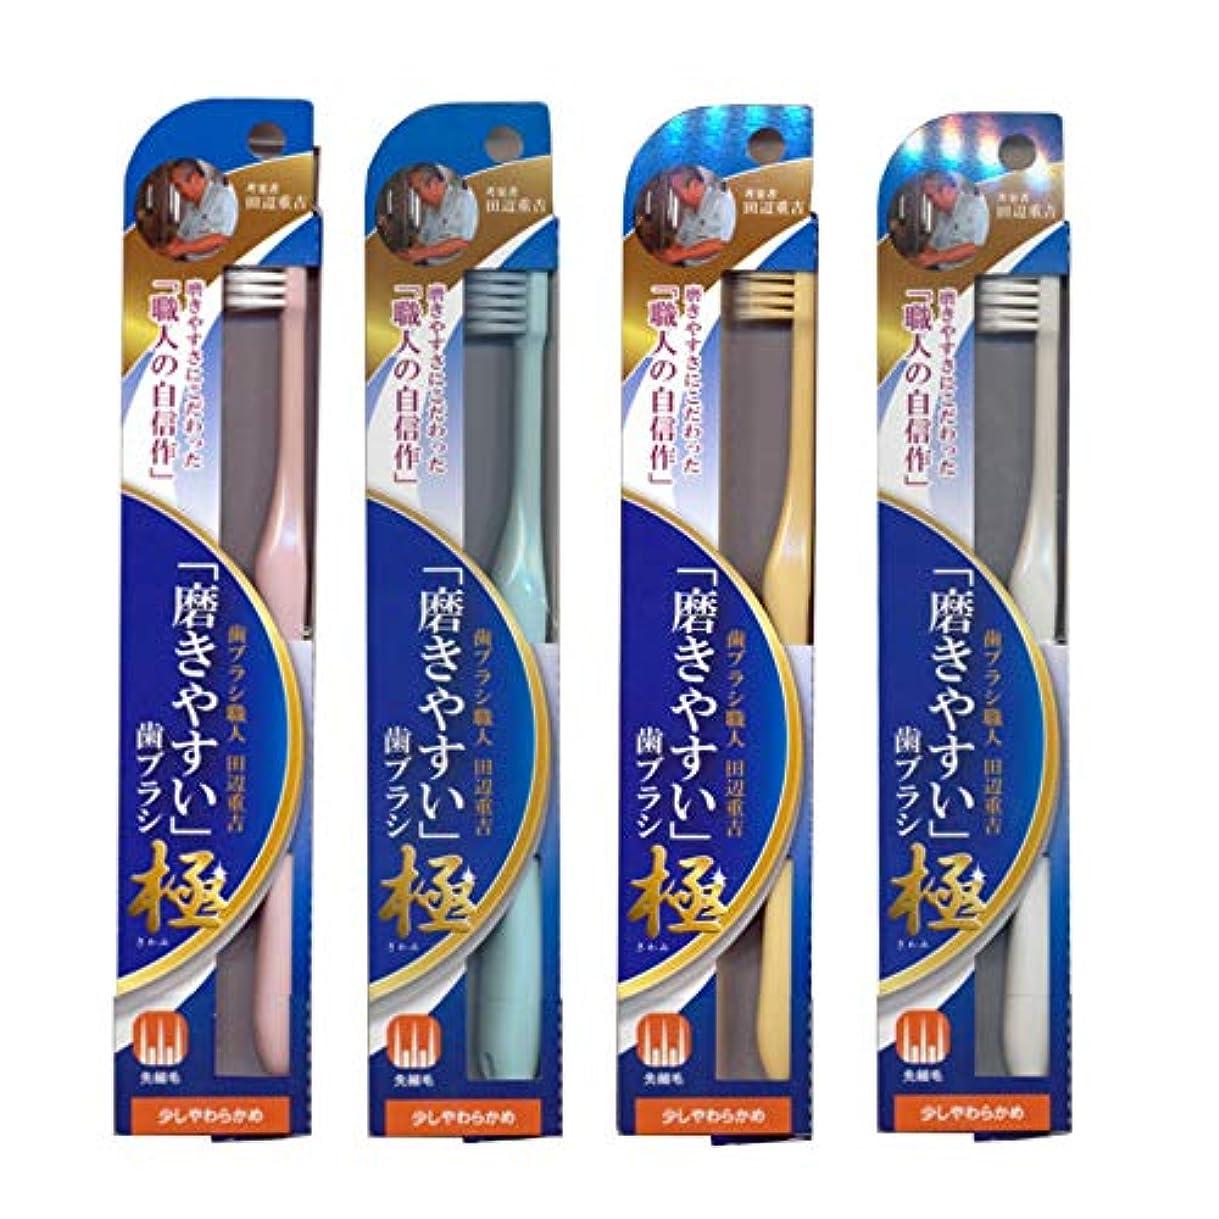 コンパス鉛筆大きい磨きやすい歯ブラシ極 (少し柔らかめ) LT-43×4本セット(ピンク×1、ブルー×1、ホワイト×1、イエロー×1) 先細毛